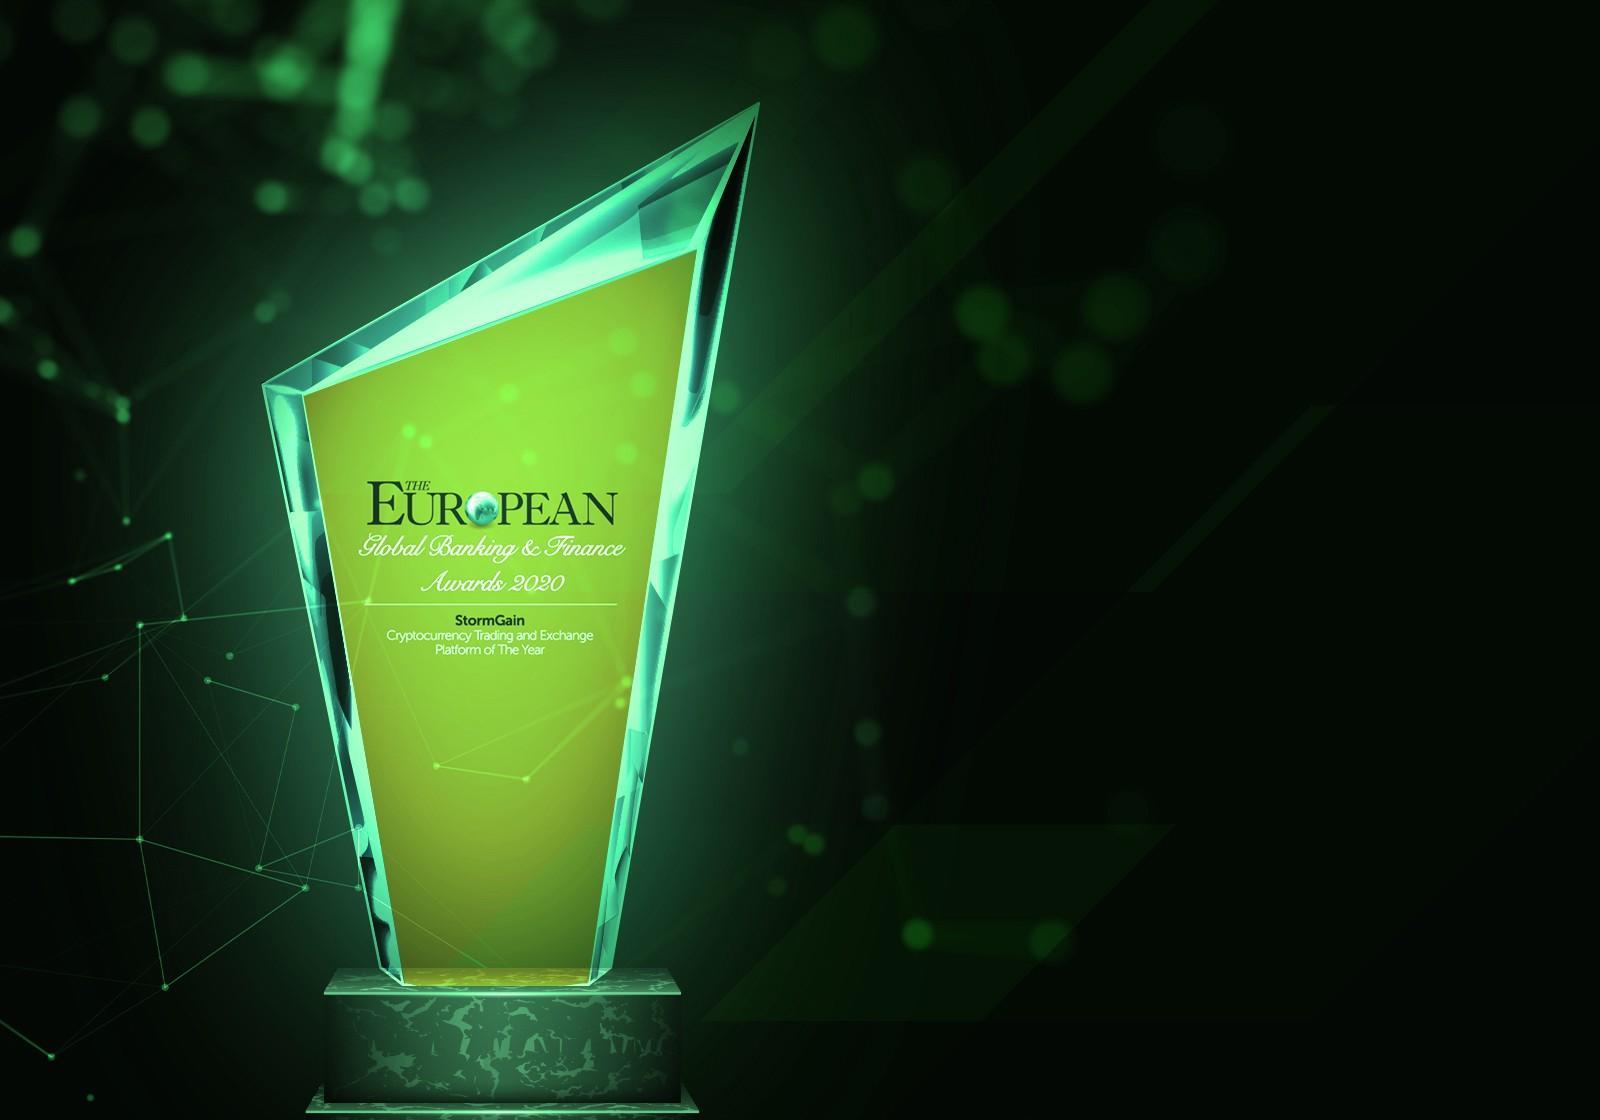 StormGain Memenangkan Penghargaan Platform Perdagangan dan Pertukaran Cryptocurrency Eropa Tahun Ini »The Merkle News